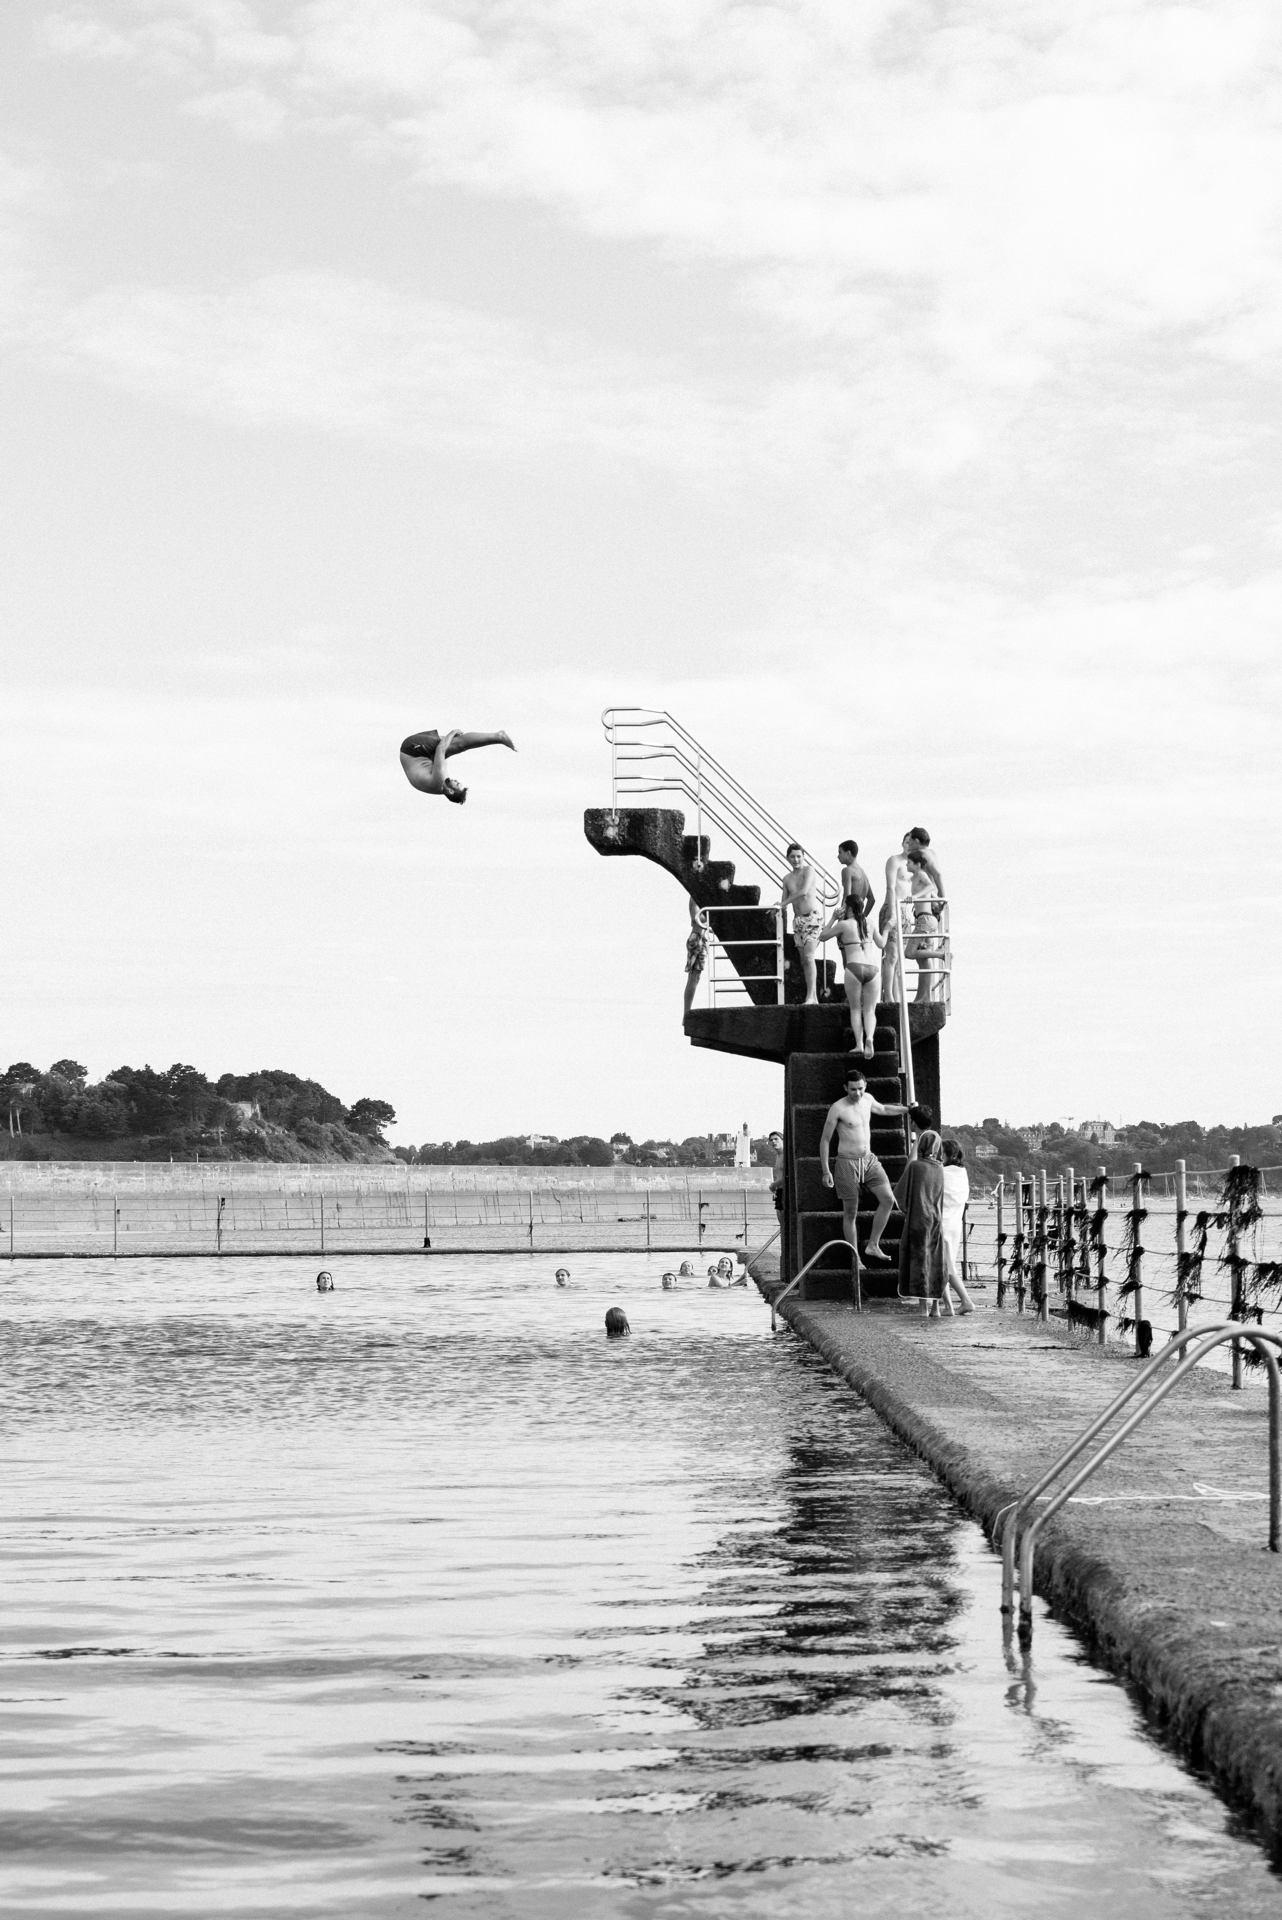 Crazy jumps #1